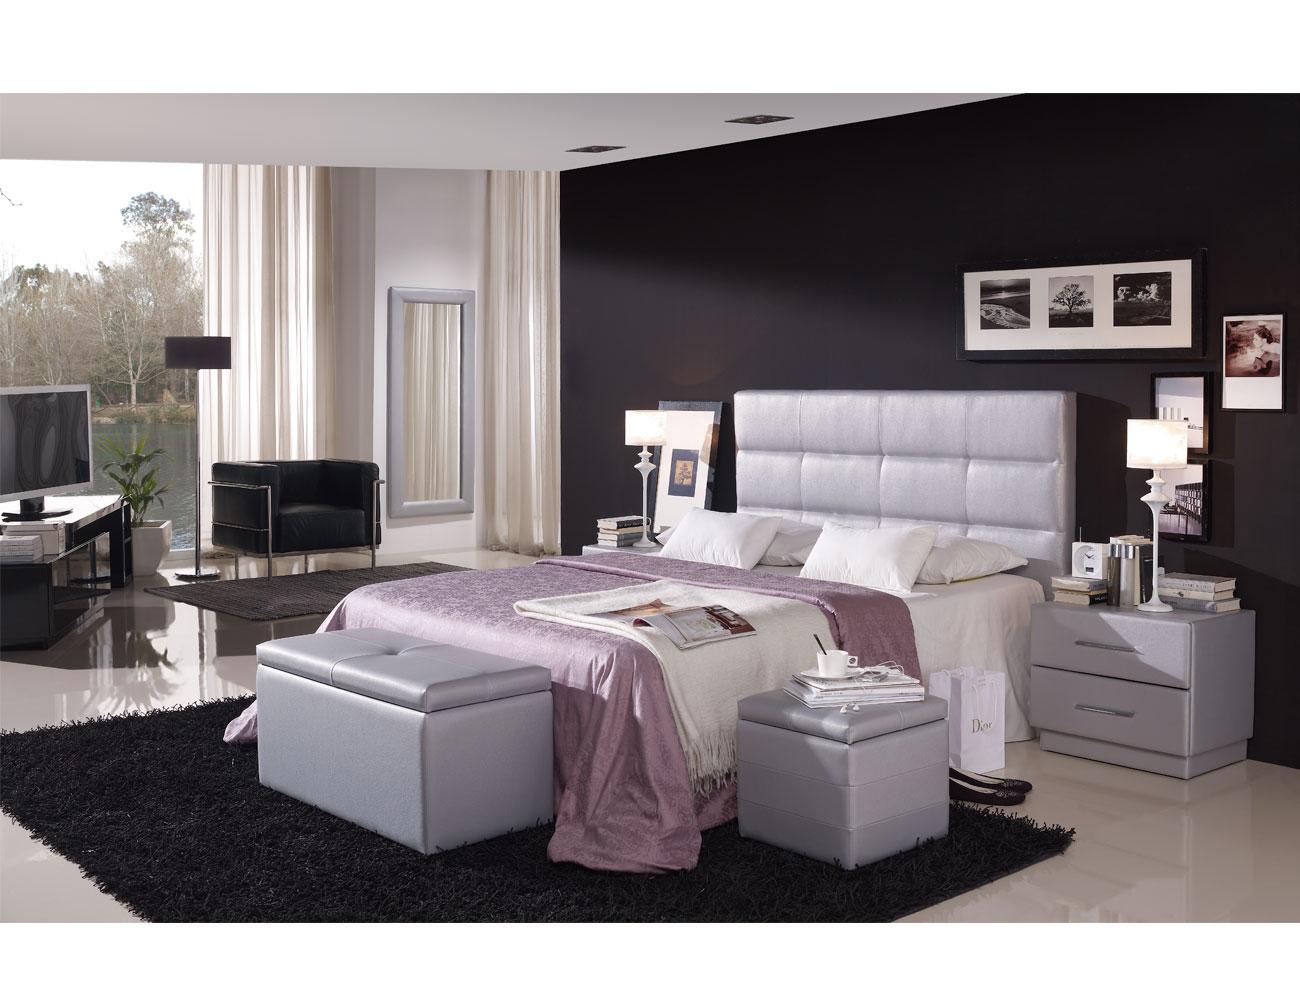 23 marco tapizado dormitorio917